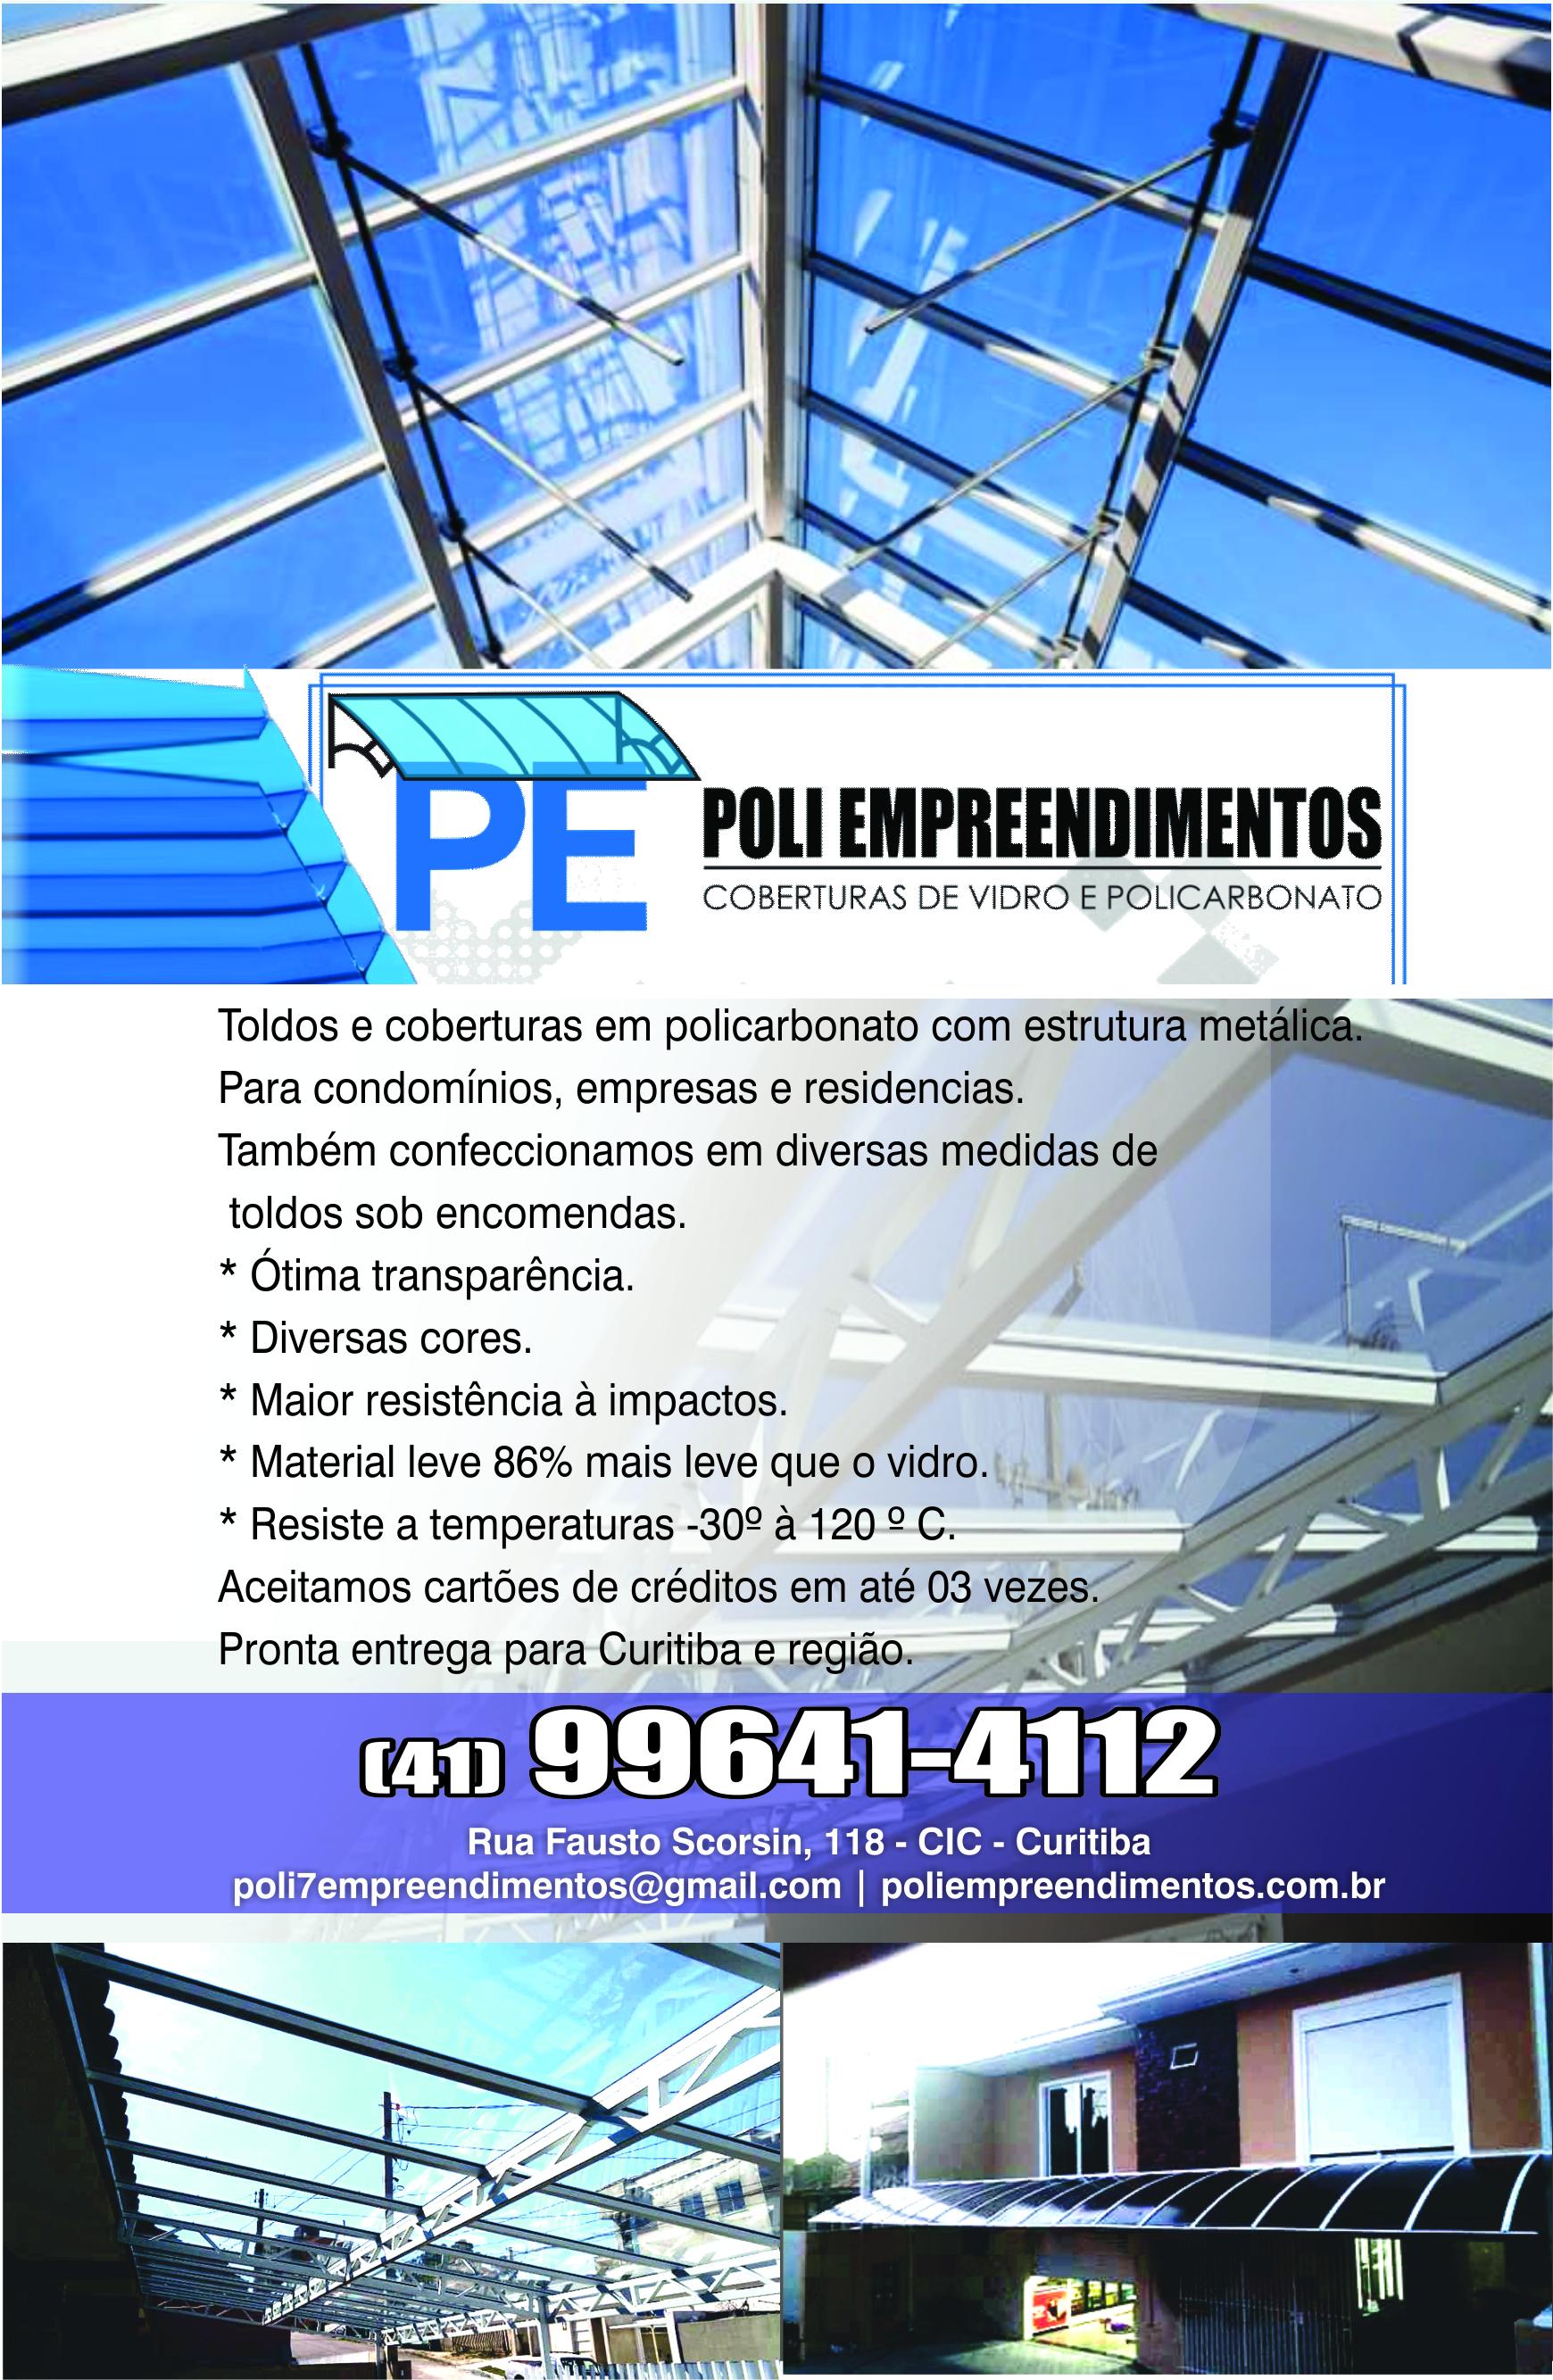 PE Poli Empreendimentos Coberturas de Vidro e Policarbonato      RUA DAS ARARAS, 118, CURITIBA - PR  Fones: (41) 99641-4112 /